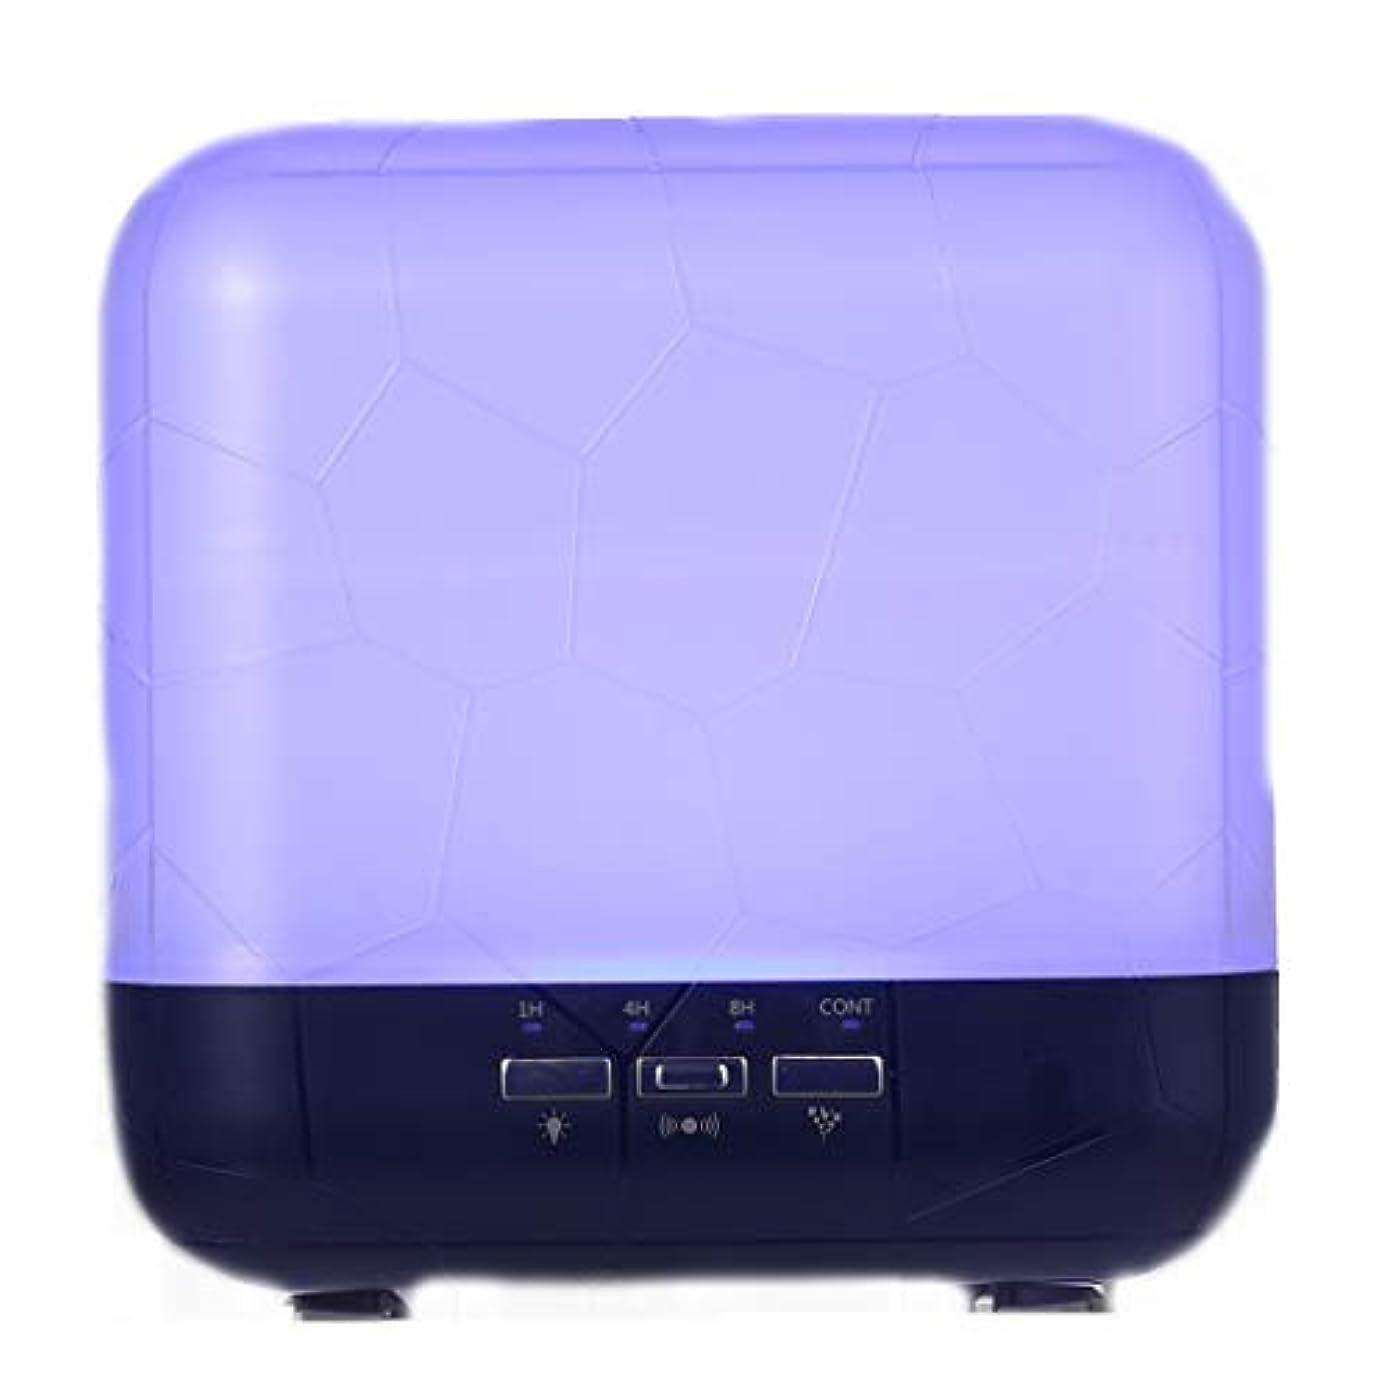 一回桁ブラウン拡散器、調節可能なミストモード、寝室/オフィス/旅行のためのアロマセラピー機械を離れた自動のHomeweeks 1000ml多彩な精油の拡散器 (Color : Purple)